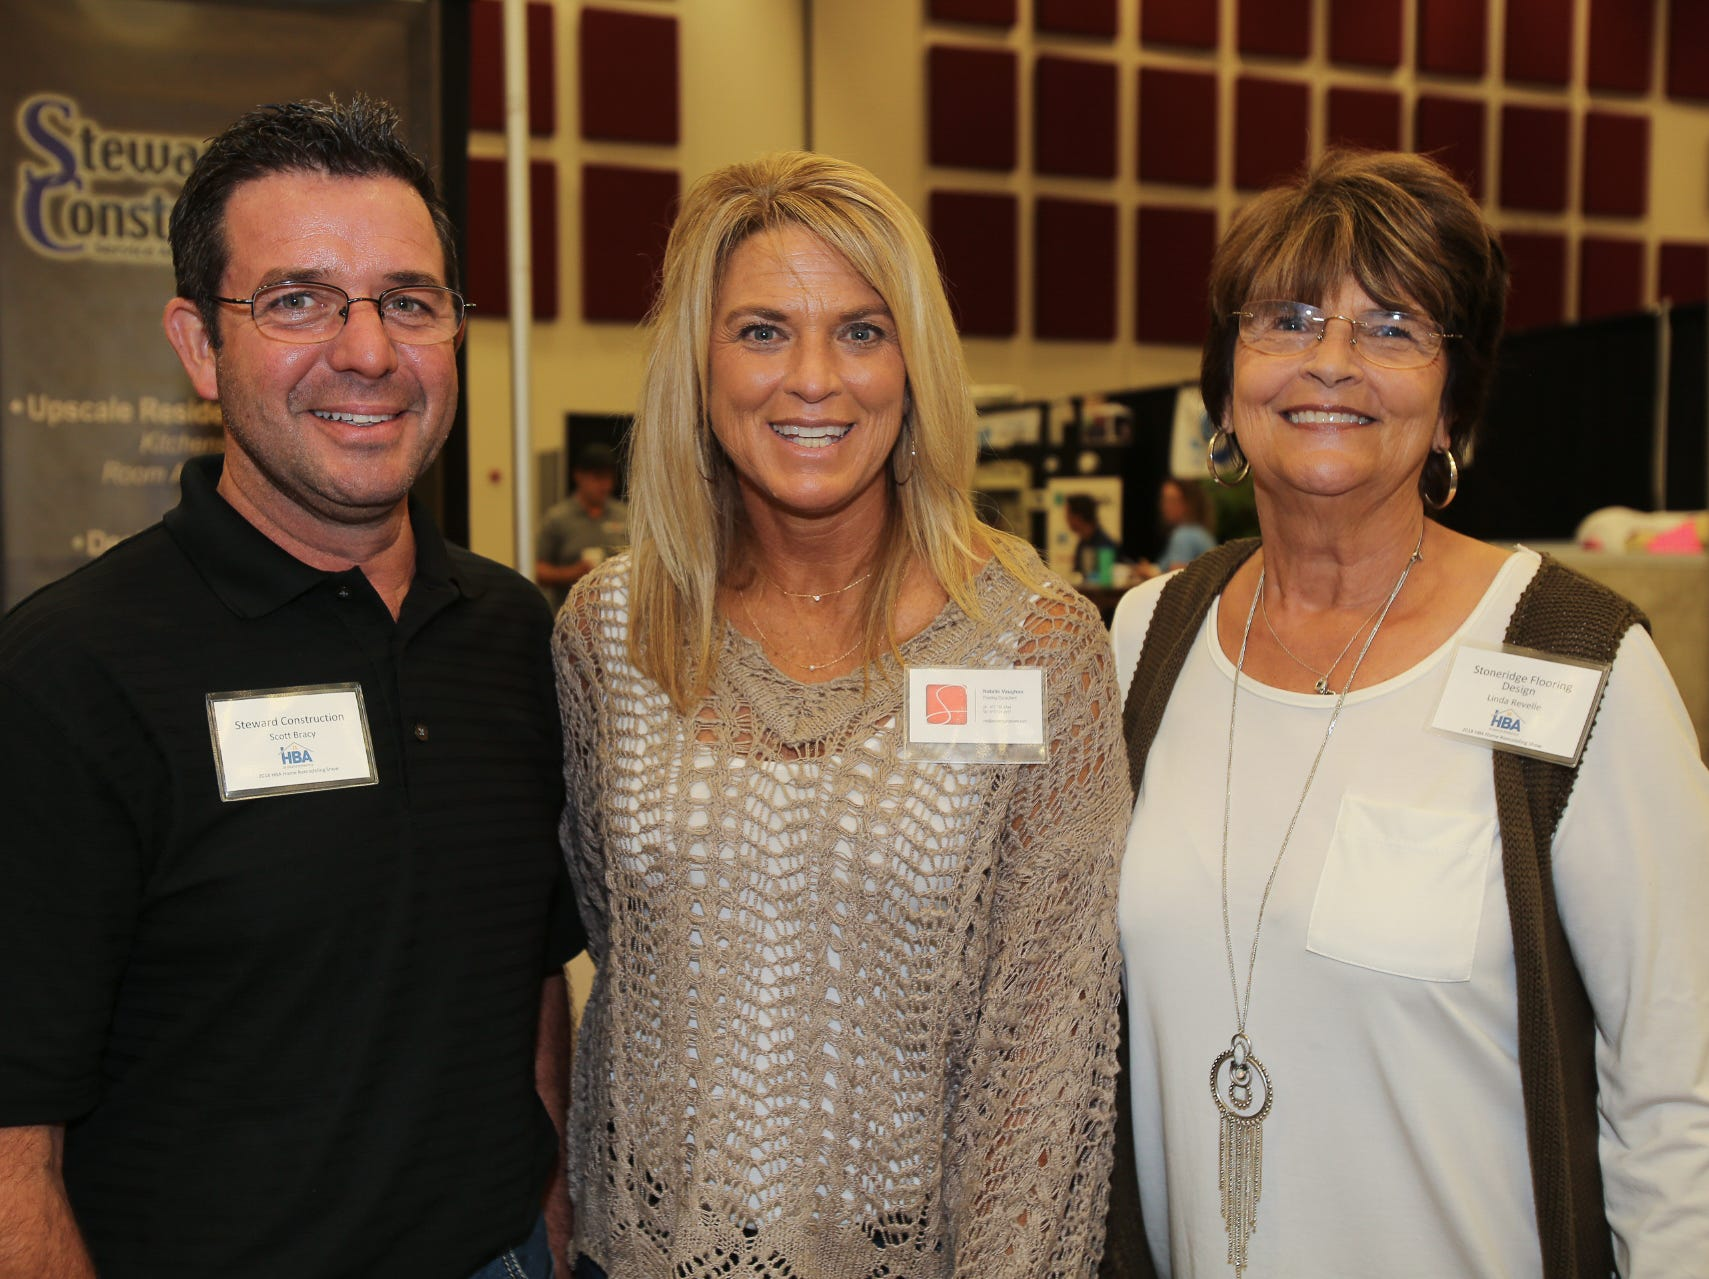 Scott Bracy, Natalie Vaughan, and Linda Revelle